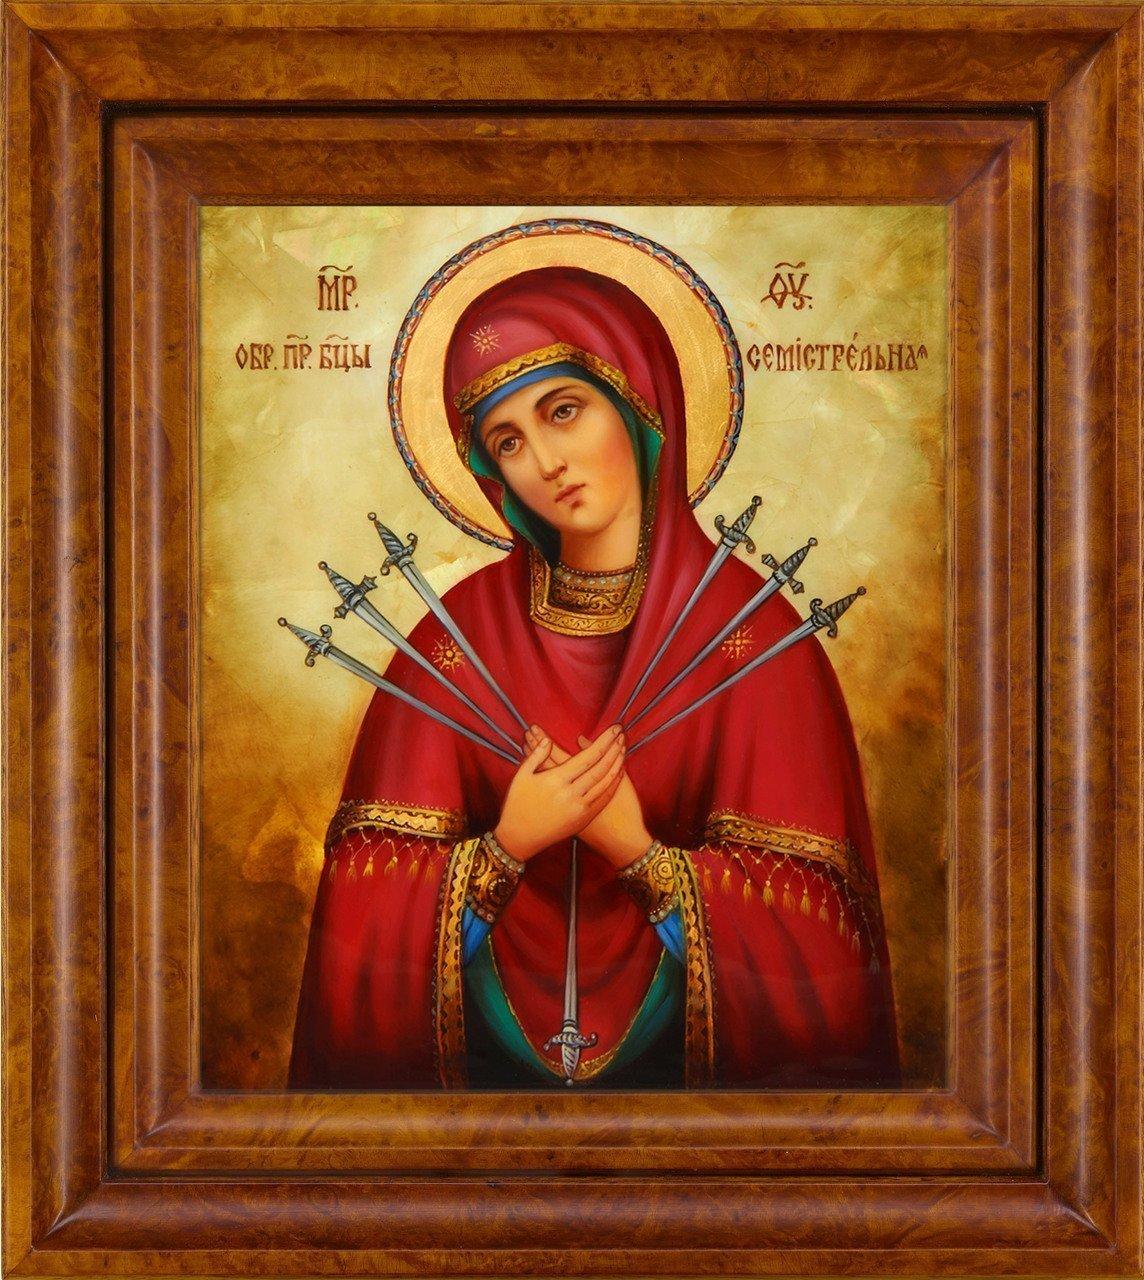 Молитва о здравии на икону семистрельная